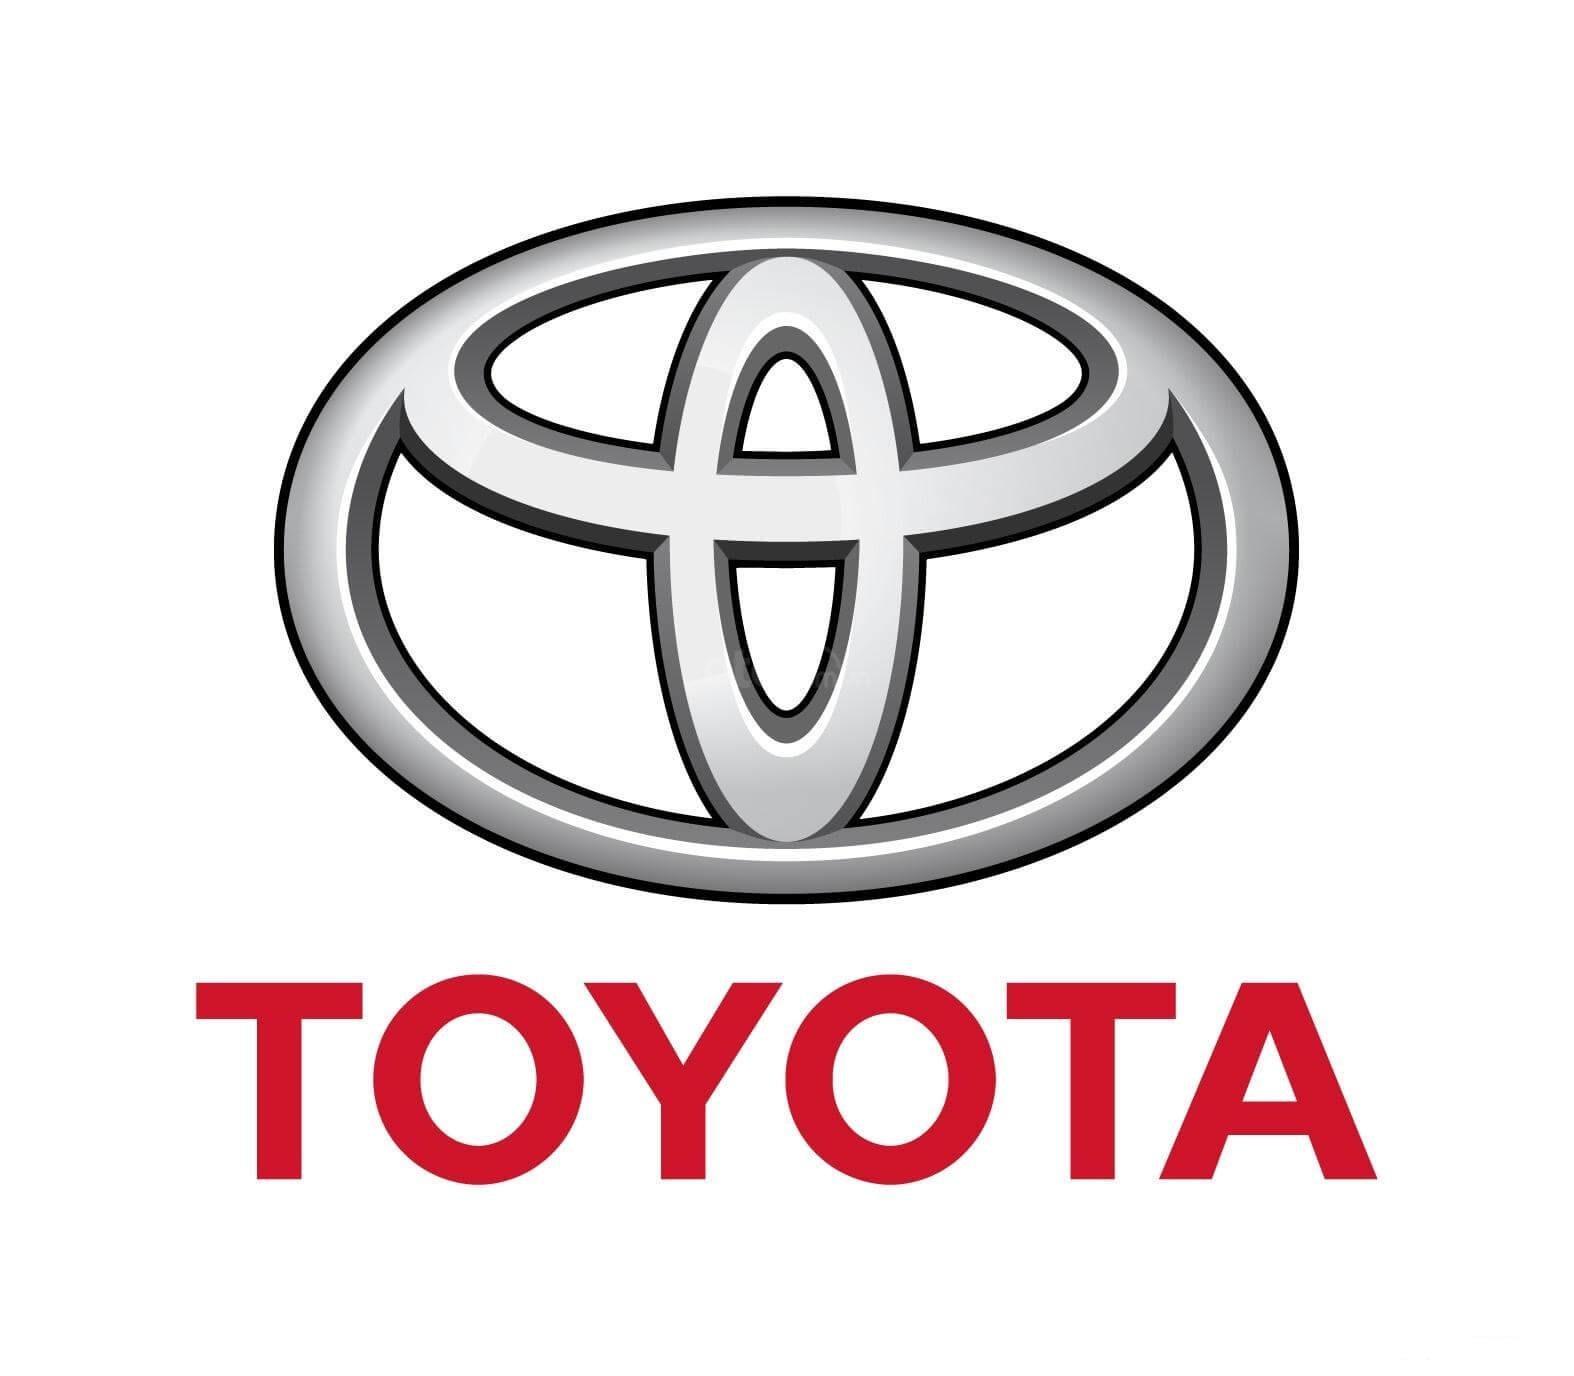 Biểu tượng của hãng xe Toyota